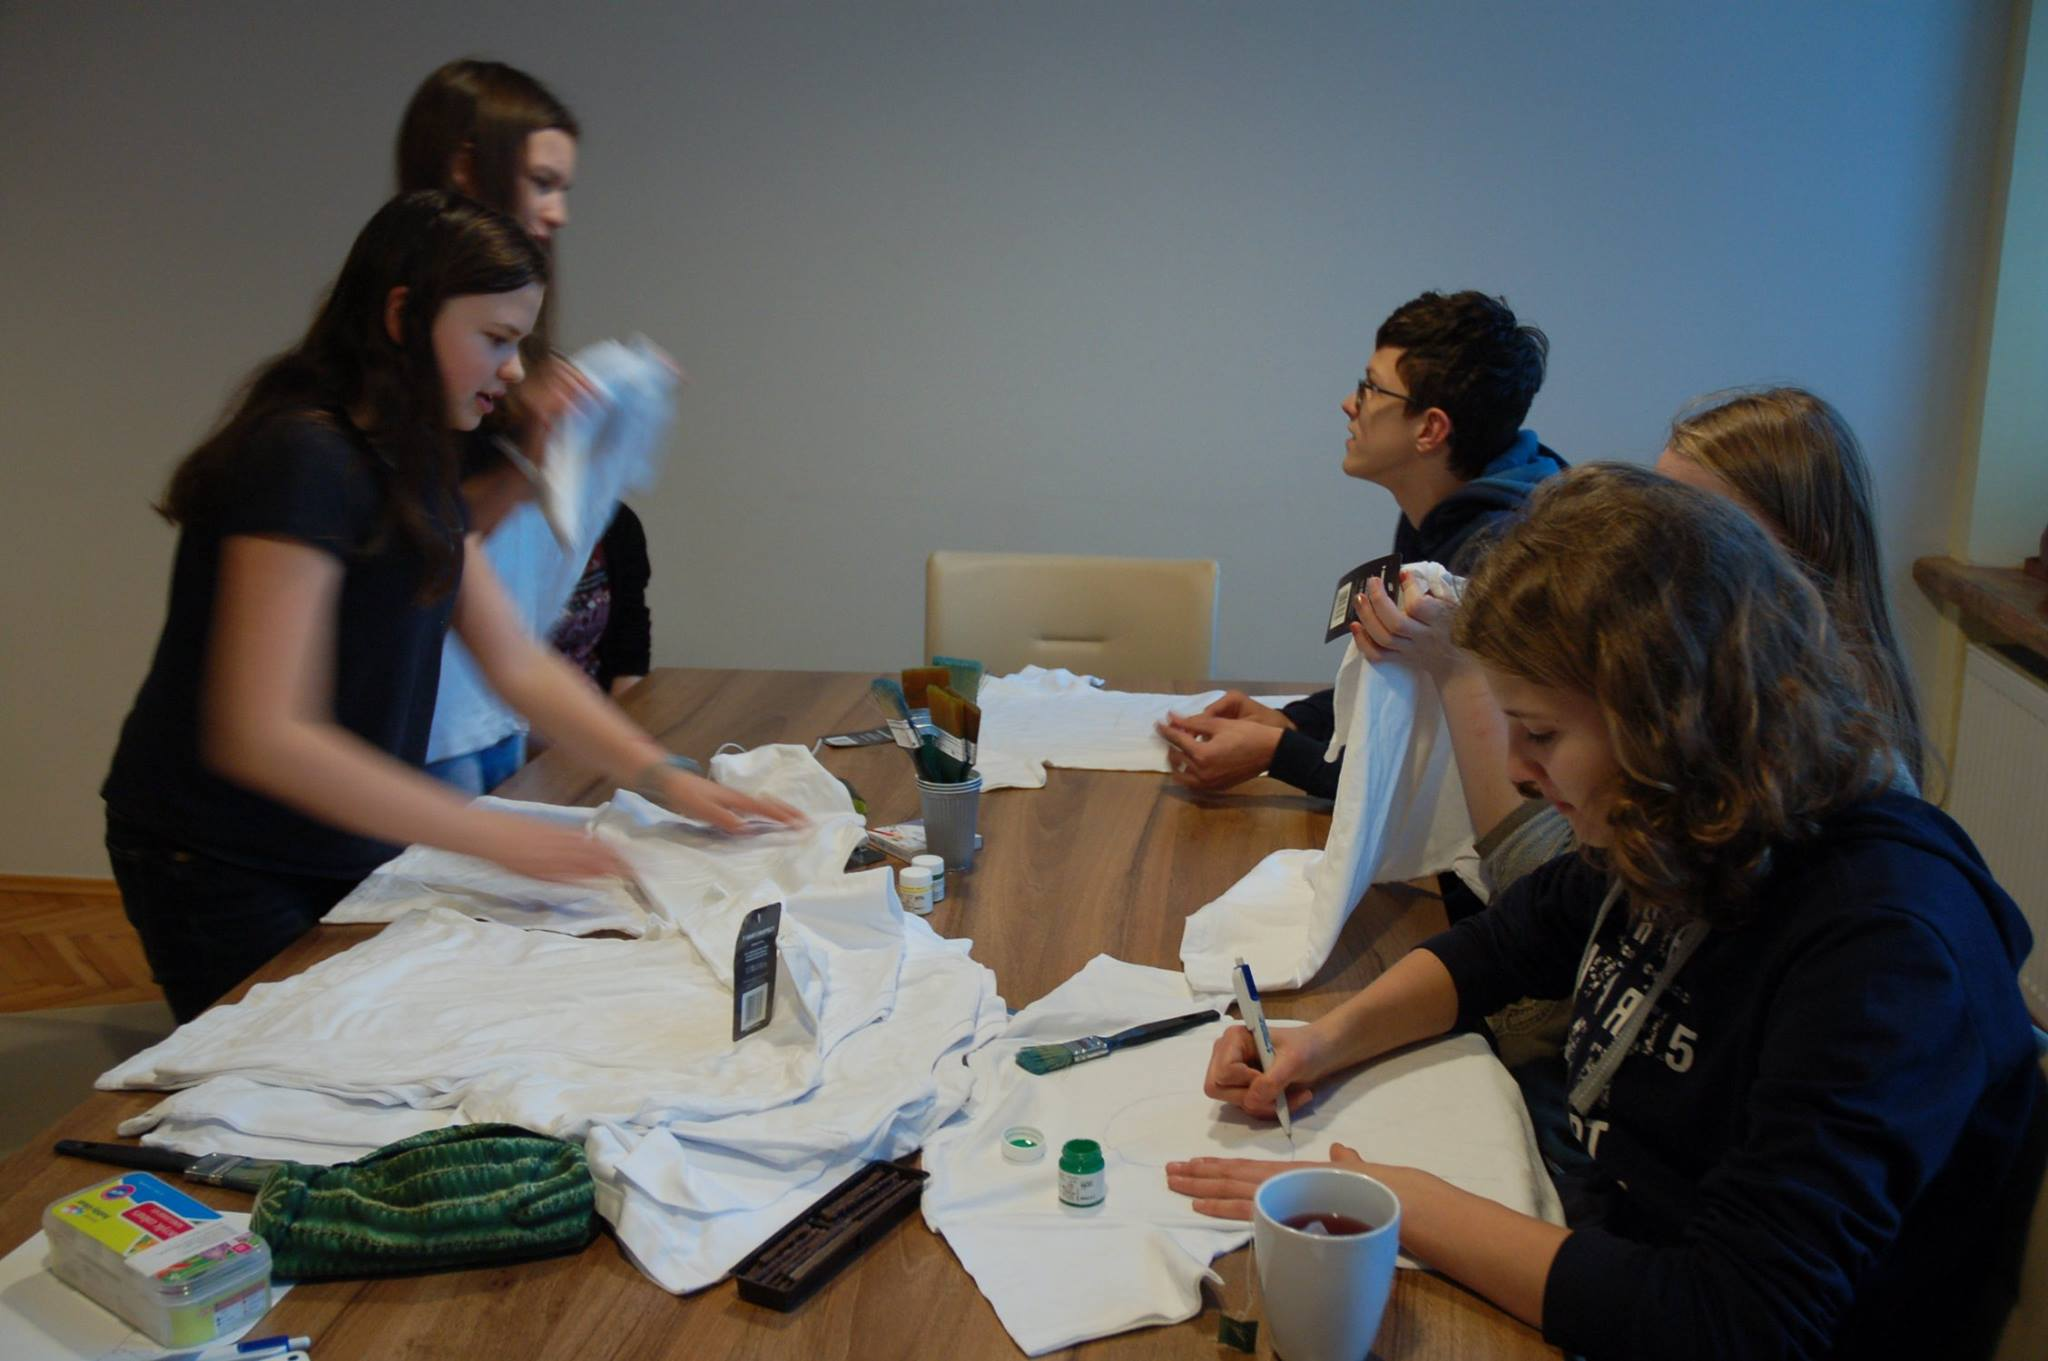 Jak włączać młodzież do działania – refleksje po spotkaniu w gnieździe inspiracji